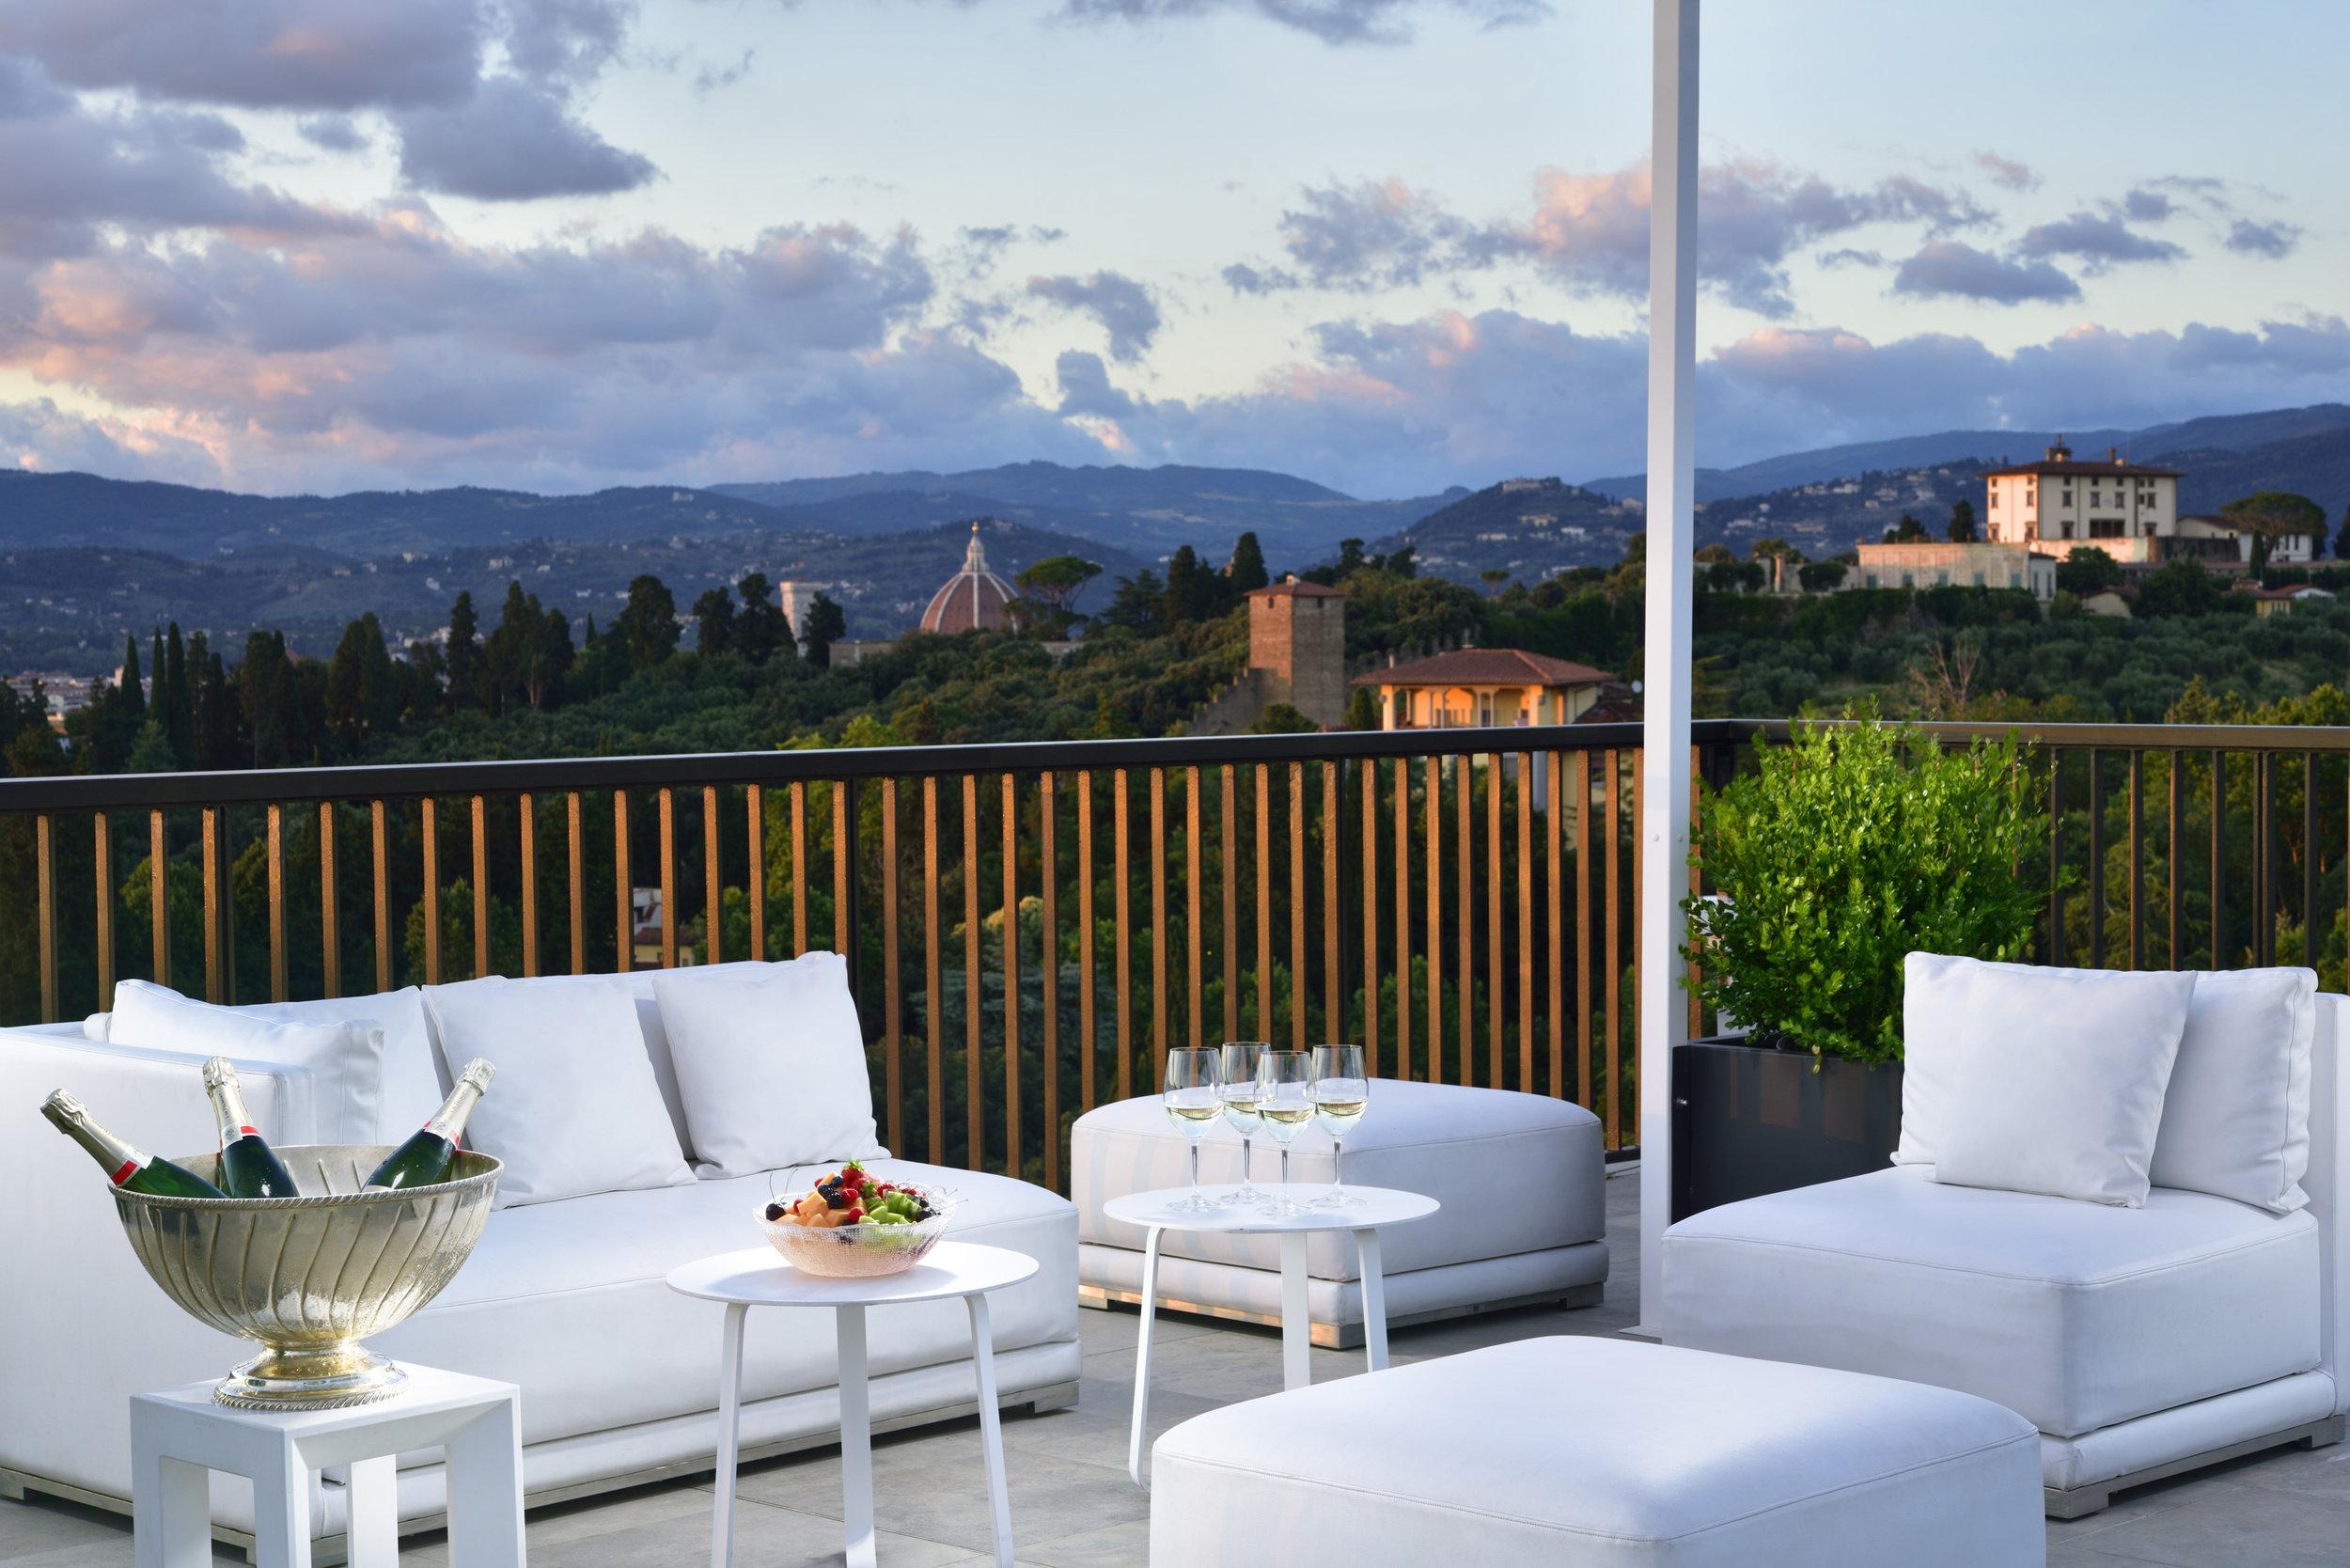 Villa Cora Florence Italy Querido Representation Co